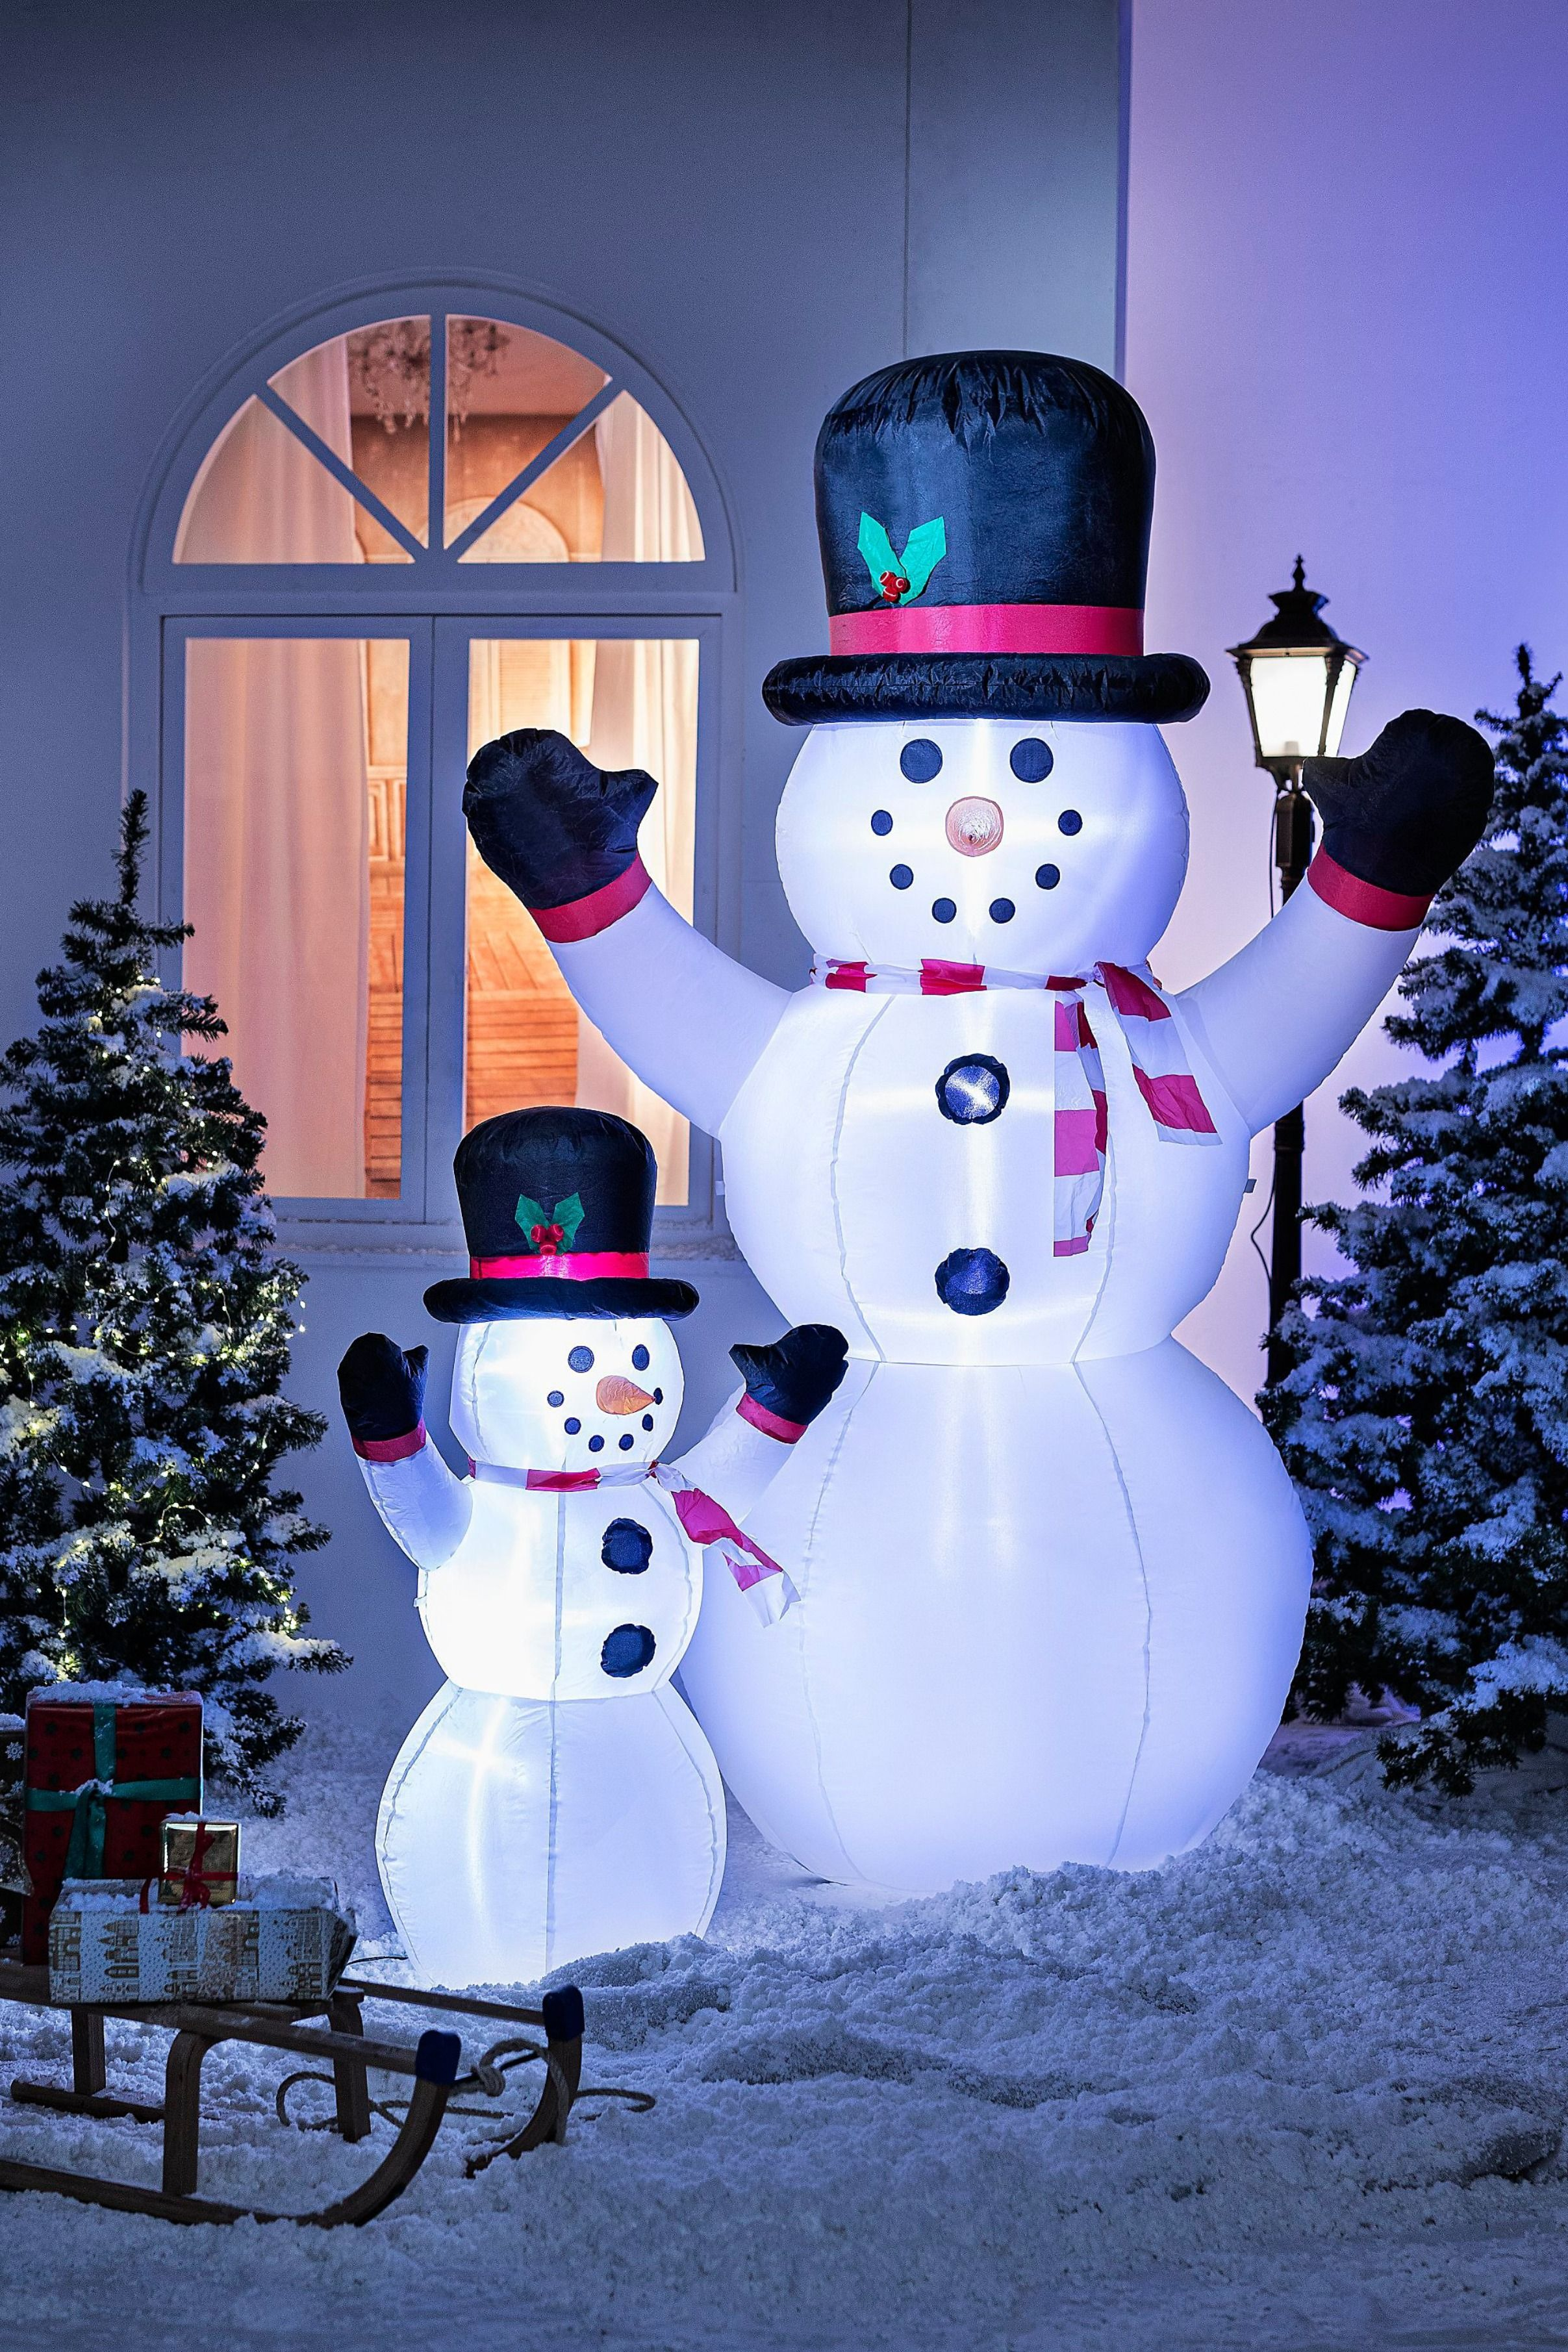 Schneemann weiß Weihnachten Beleuchtet LED Weihnachts Dekoration warmweiß Deko